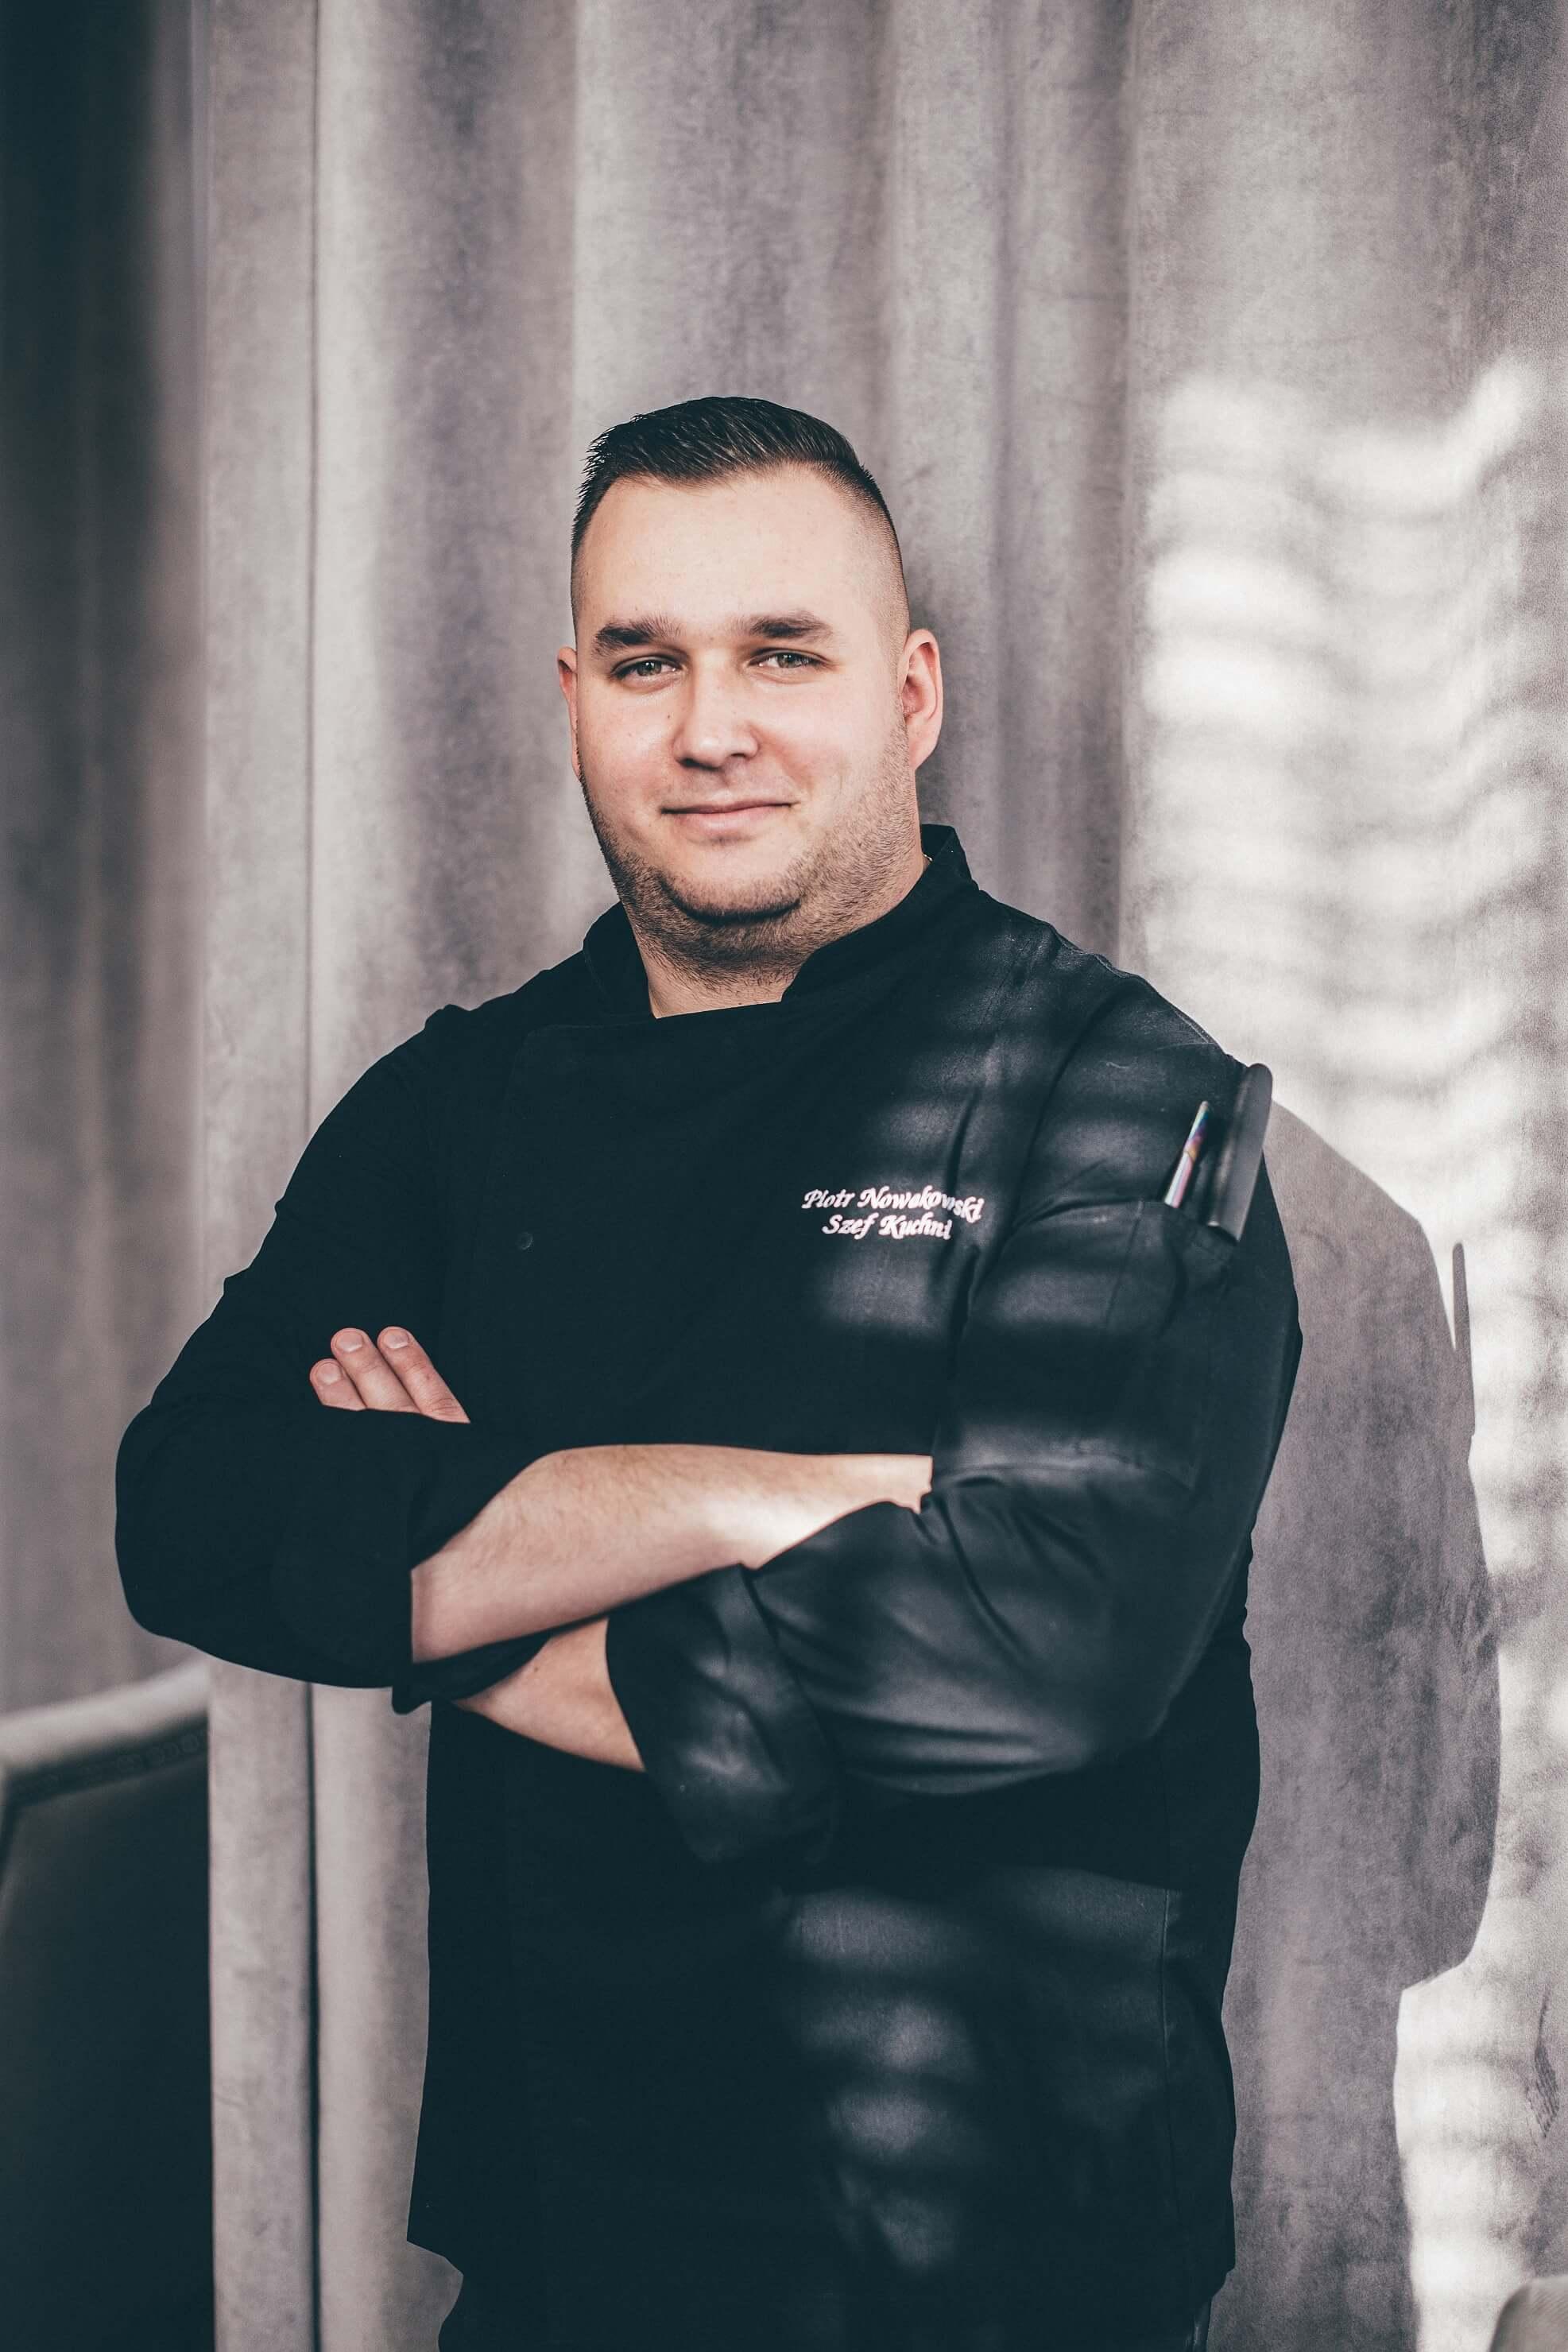 Chef of Majolika Restaurant in Gdańsk